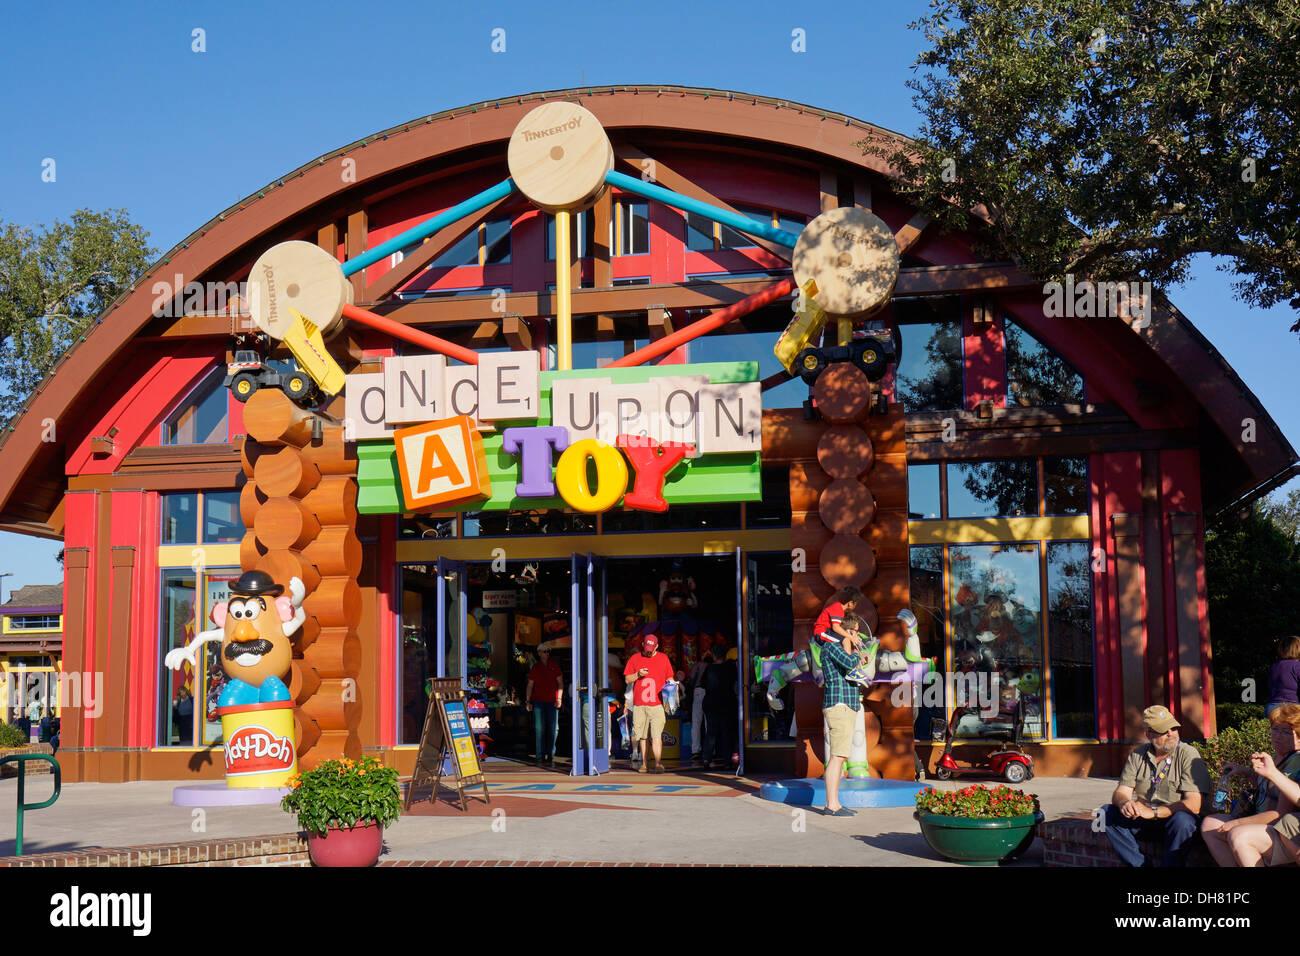 Érase un juguete Tienda en Downtown Disney Marketplace, Disney World Resort, Orlando, Florida Imagen De Stock